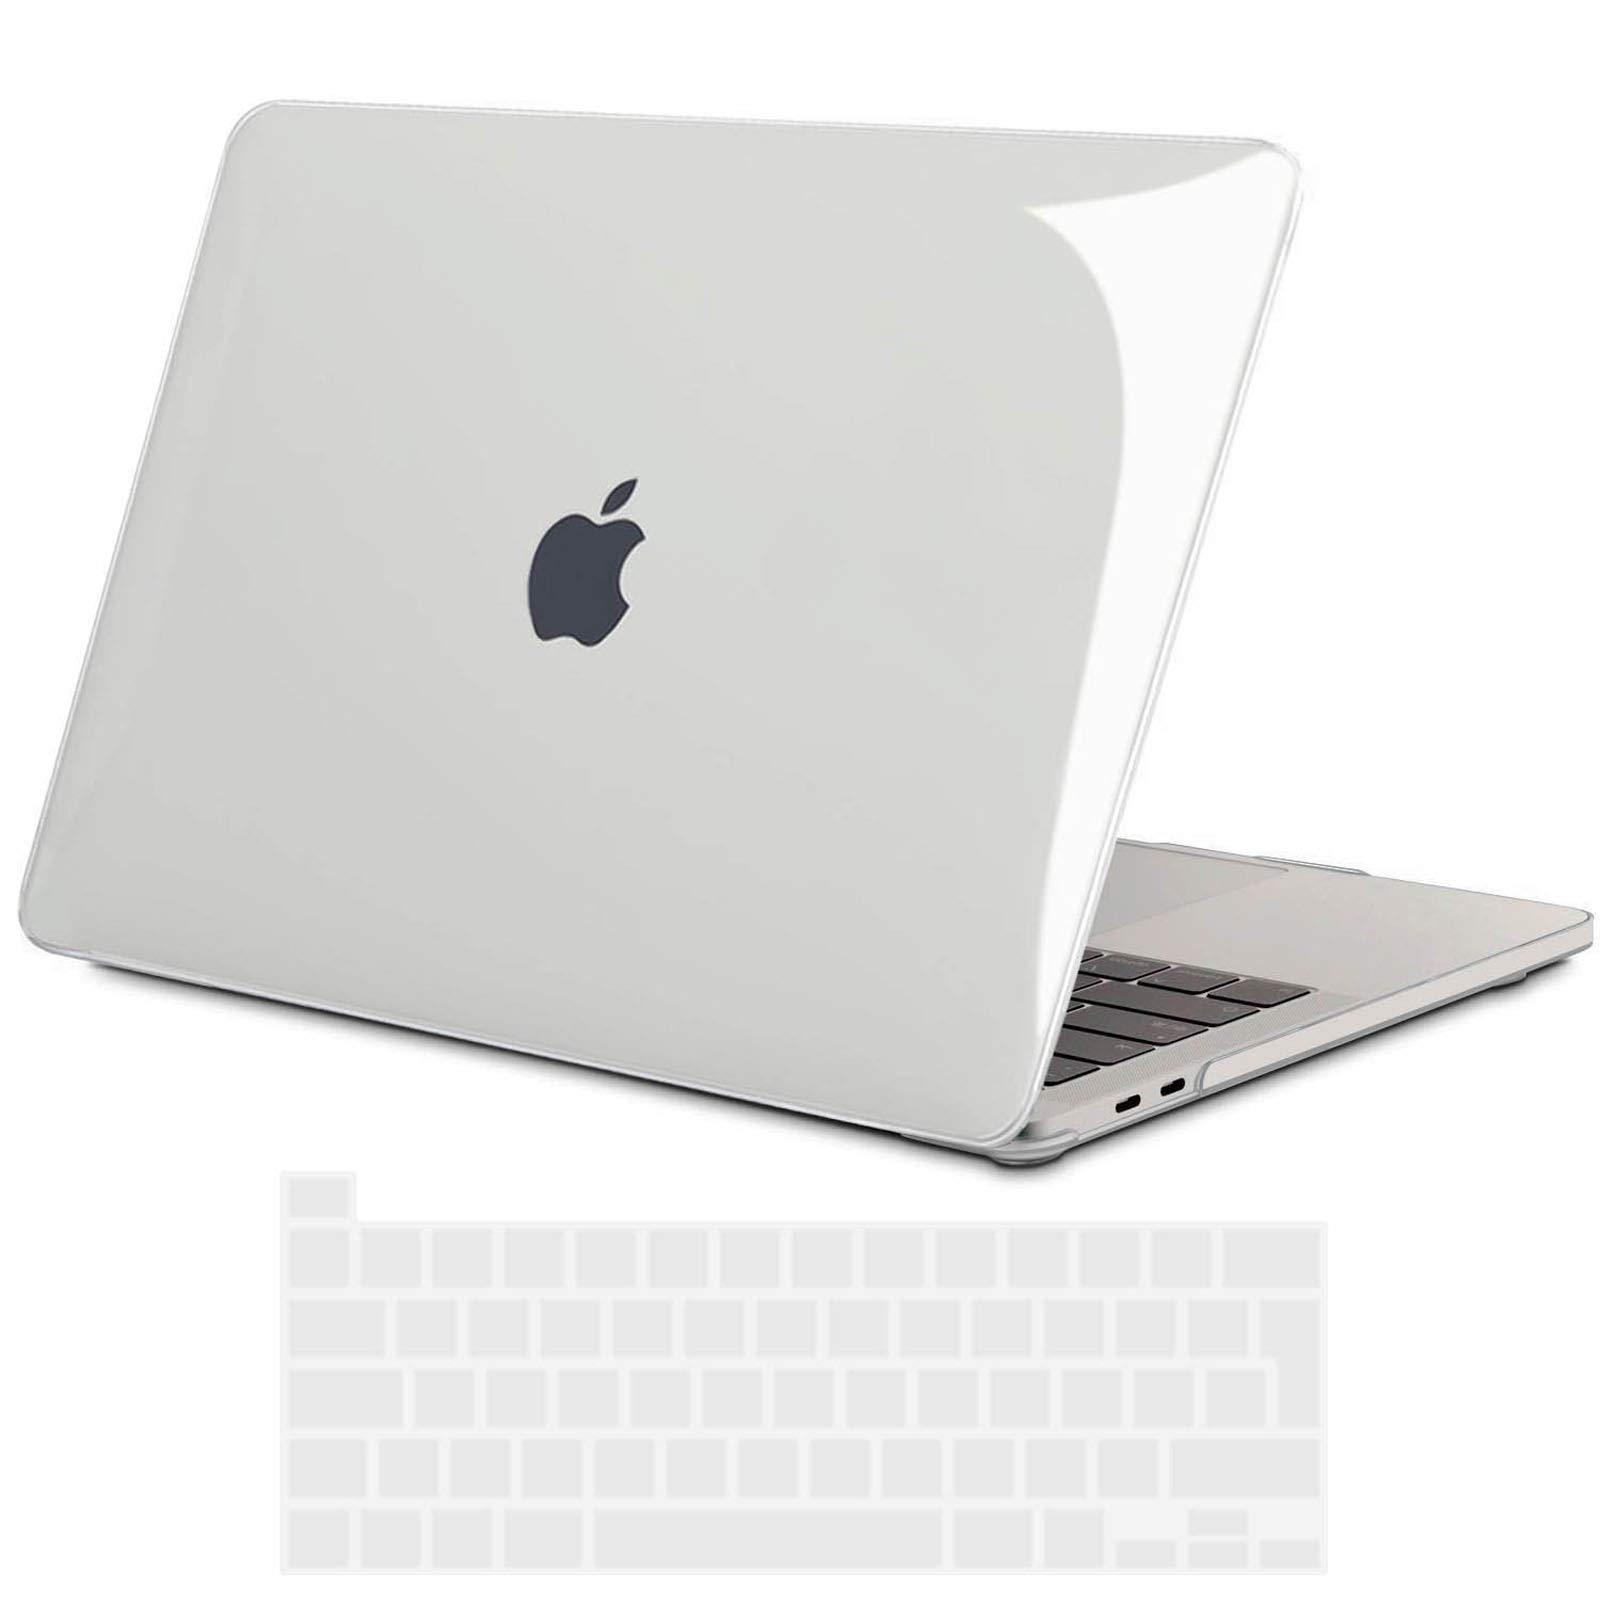 TECOOL Funda para 2020 MacBook Pro 13, Cubierta de Plástico Dura Case Carcasa y Tapa del Teclado para MacBook Pro 13.3 Pulgadas con Touch Bar y Touch ID, Modelo: A2289 / A2251: Amazon.es: Electrónica